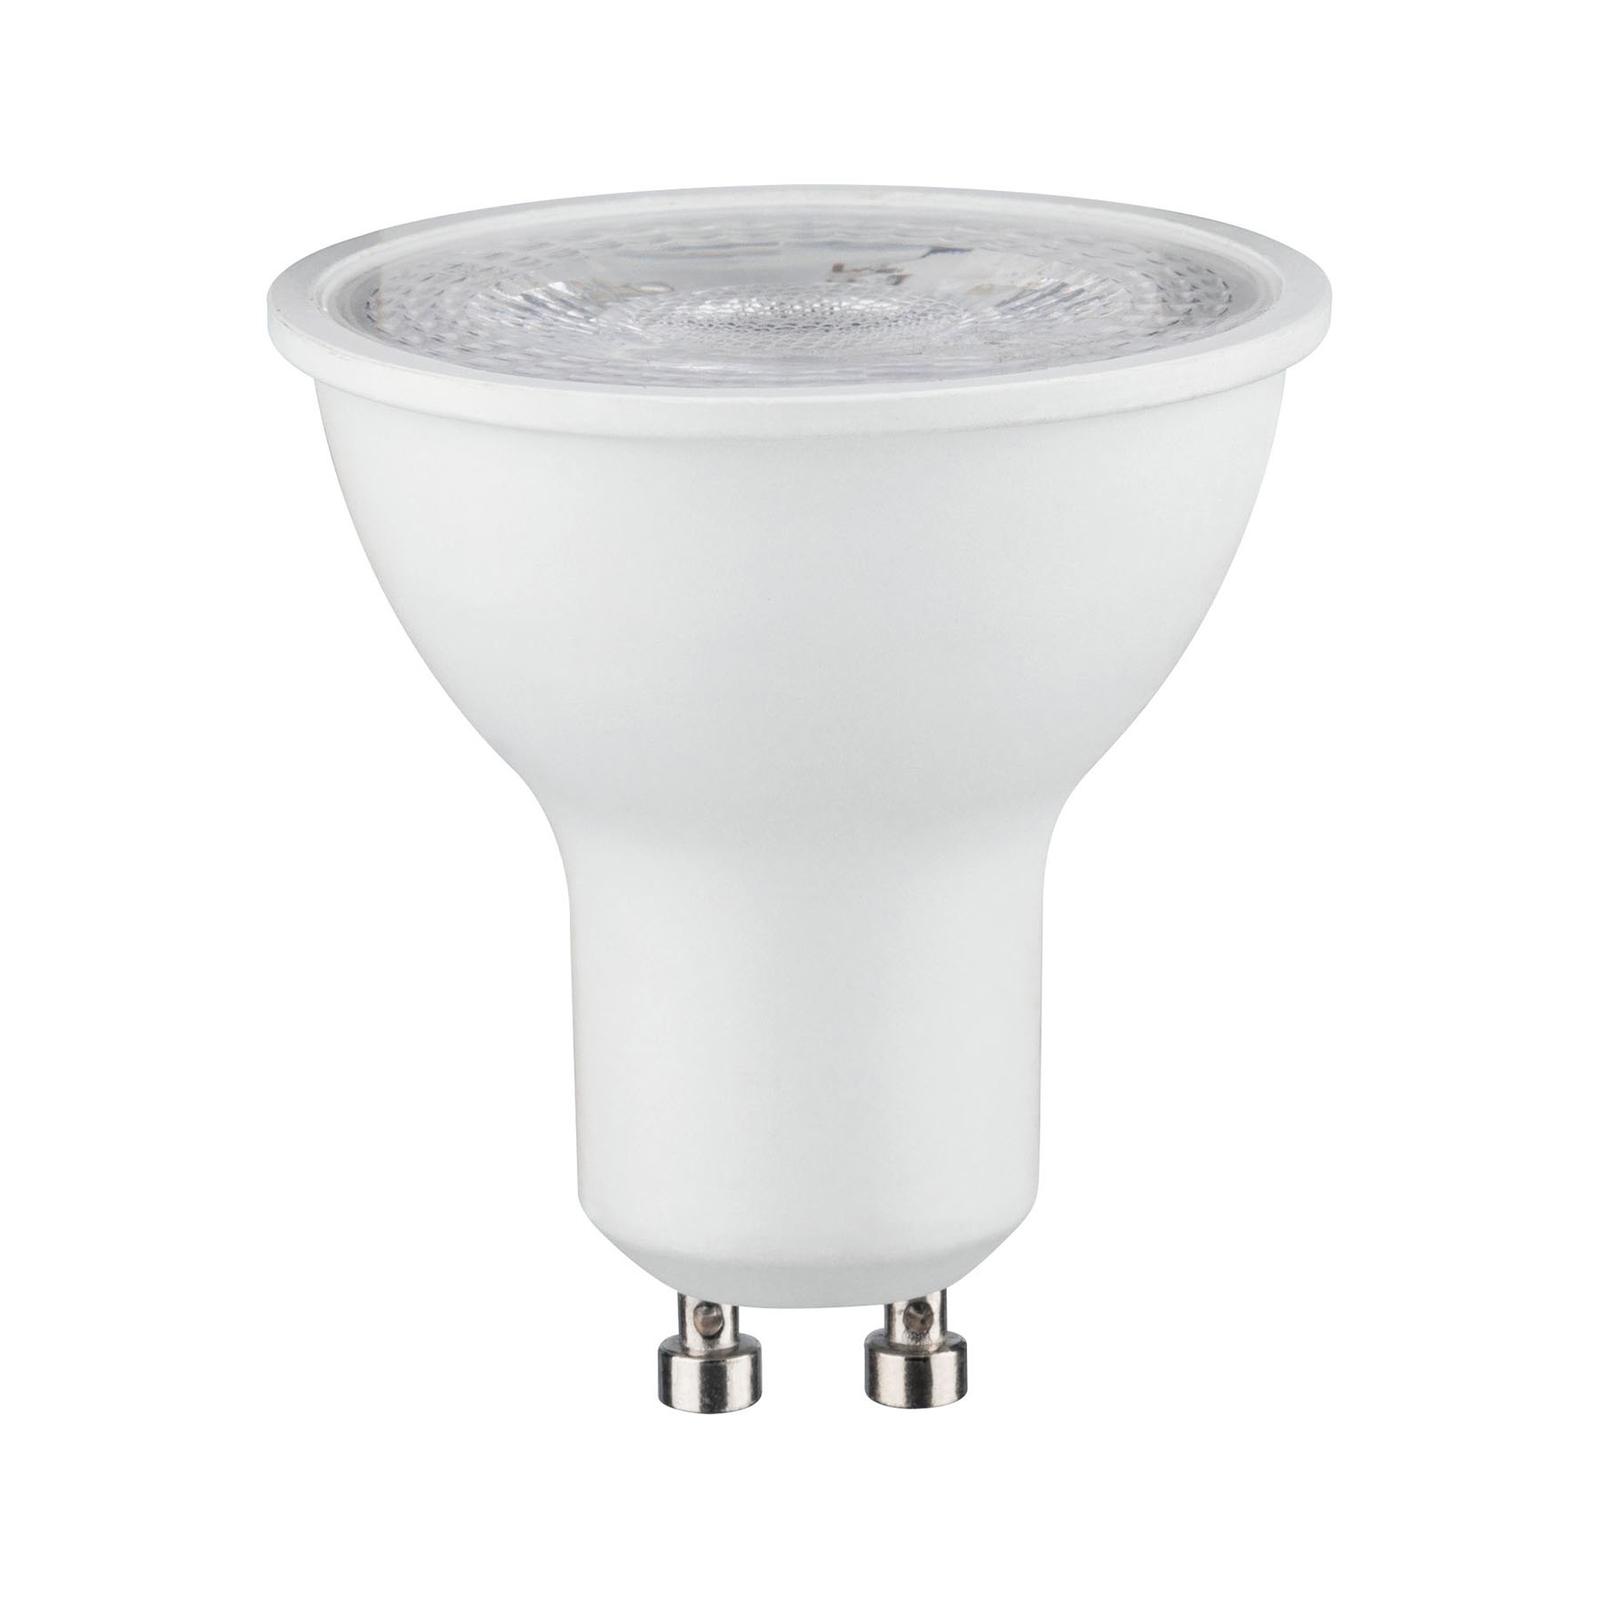 Paulmann LED-reflektor GU10 7W, 4000K dimbar hvit